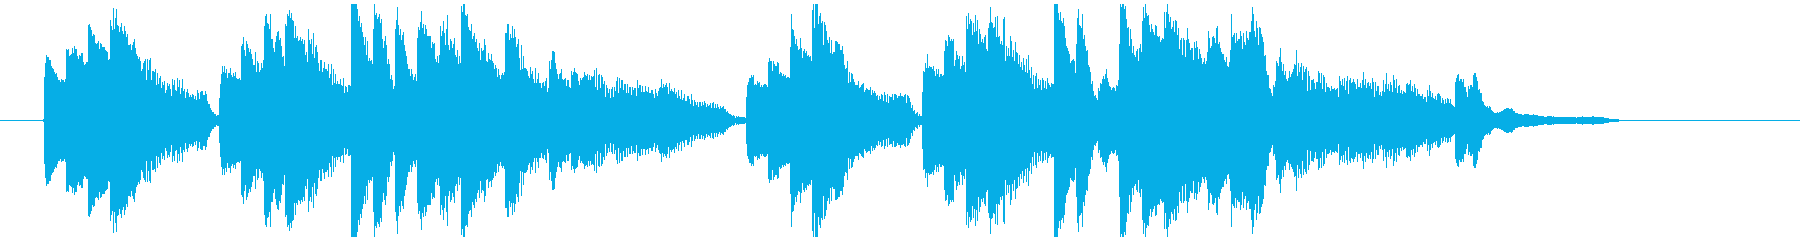 動画で使える悲しいピアノの短いBGMですの再生済みの波形